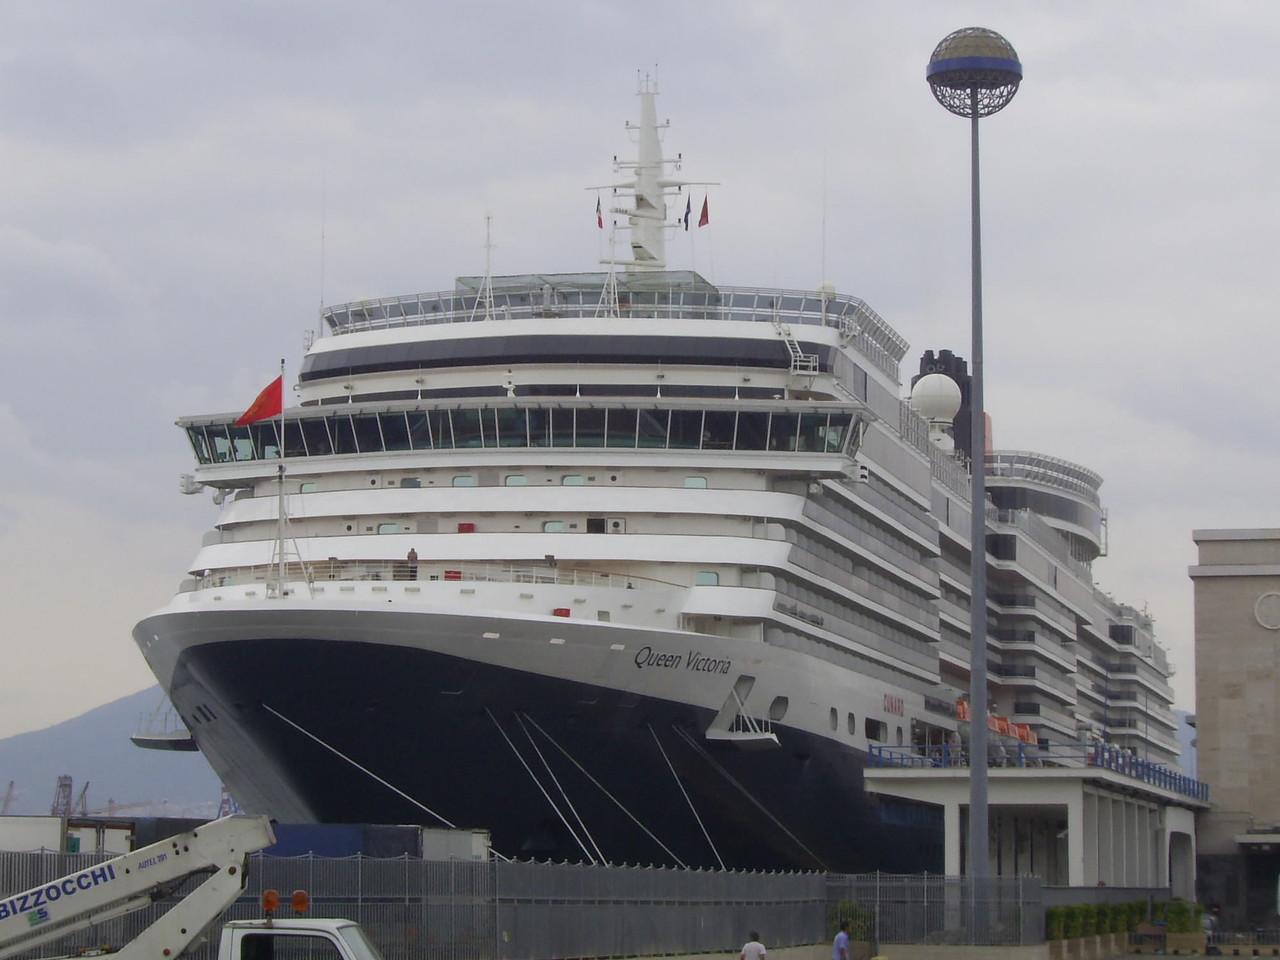 2008 - M/S QUEEN VICTORIA in Napoli.